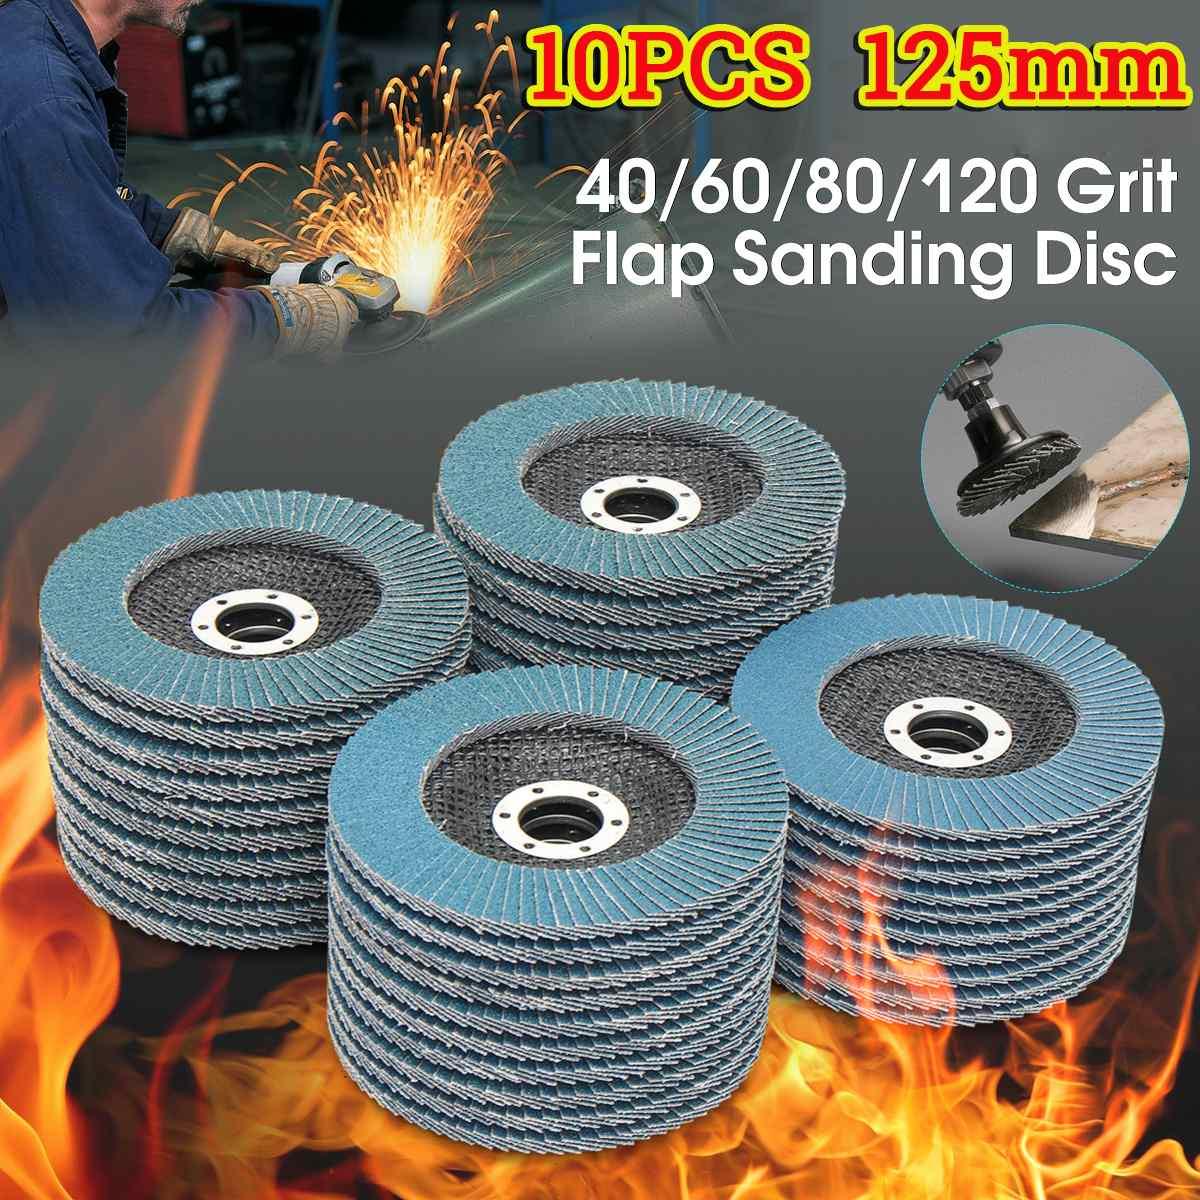 10 vnt. 125 mm profesionalūs atvartiniai diskai 5 colių šlifavimo diskai 40/60/80/120 smėlio, šlifavimo diskų peiliai kampiniam šlifuokliui